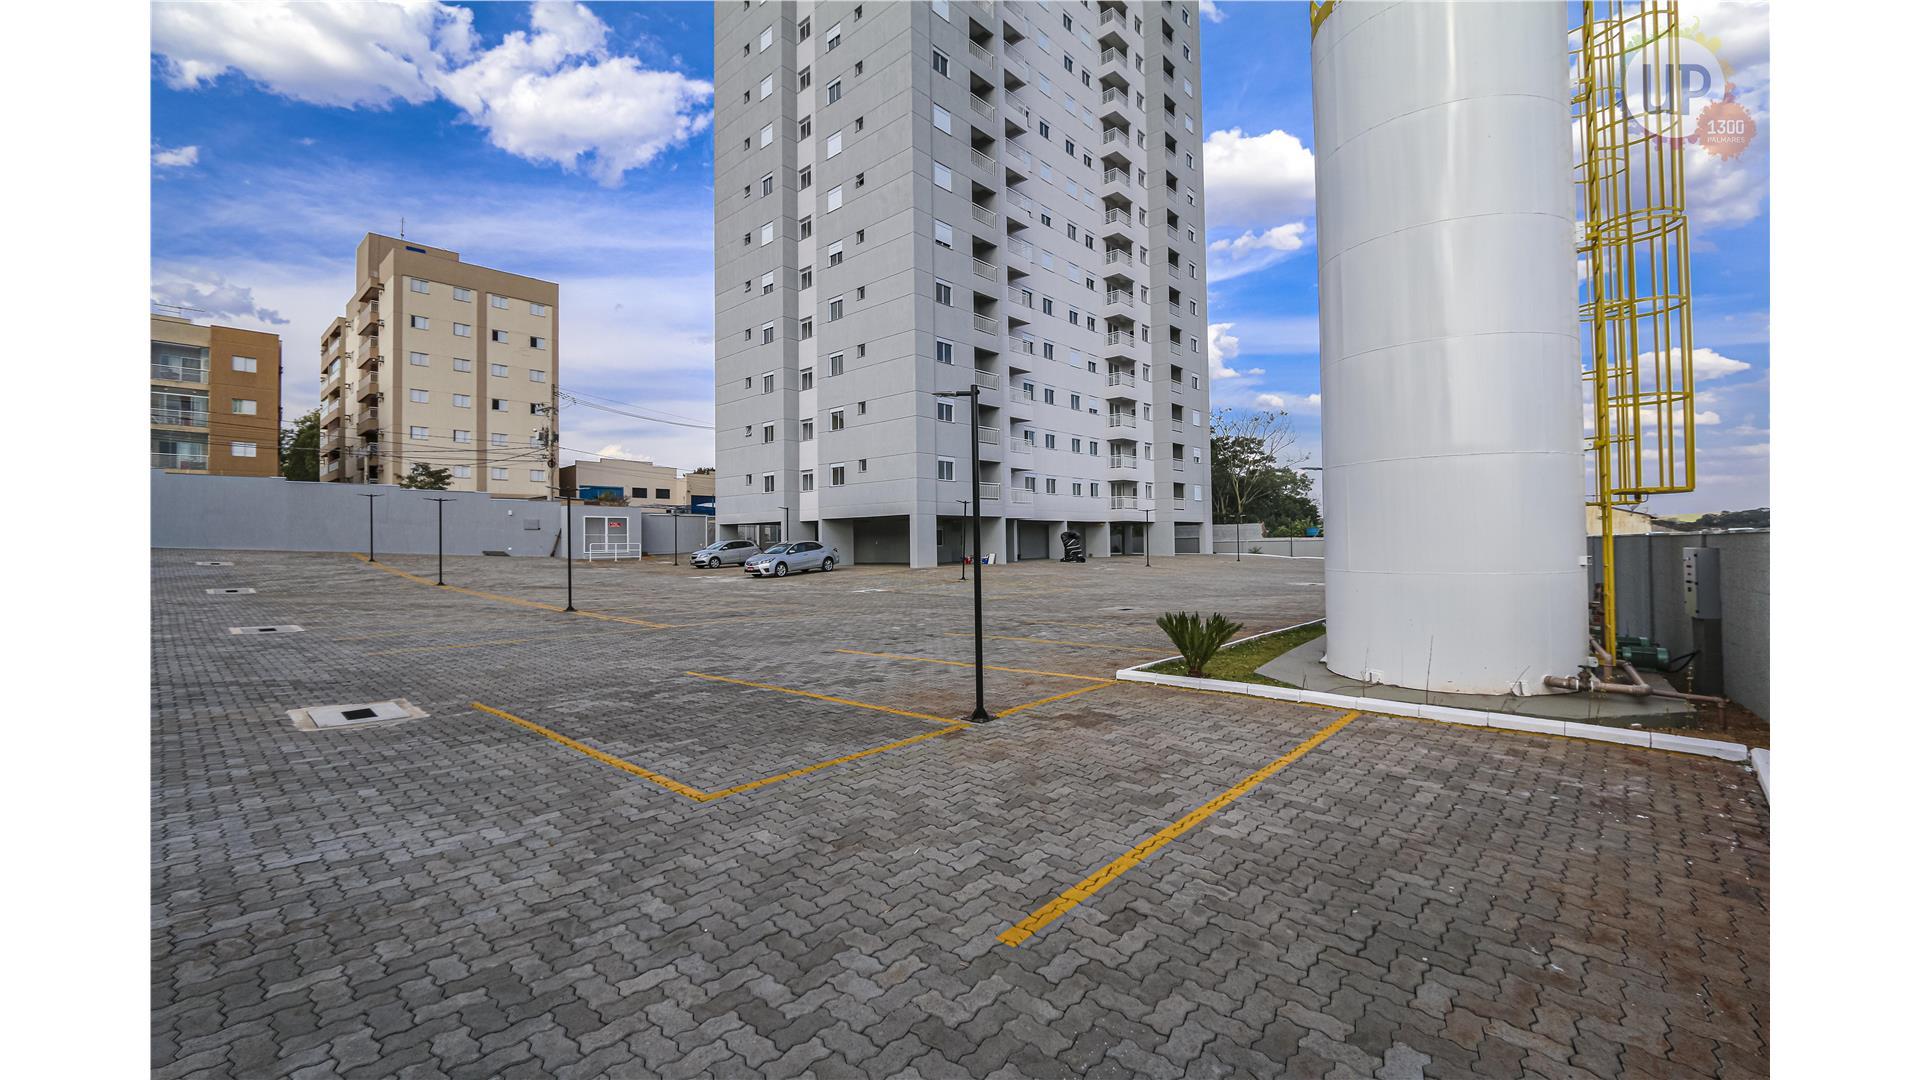 UP 1300 - Estacionamento-1.JPG